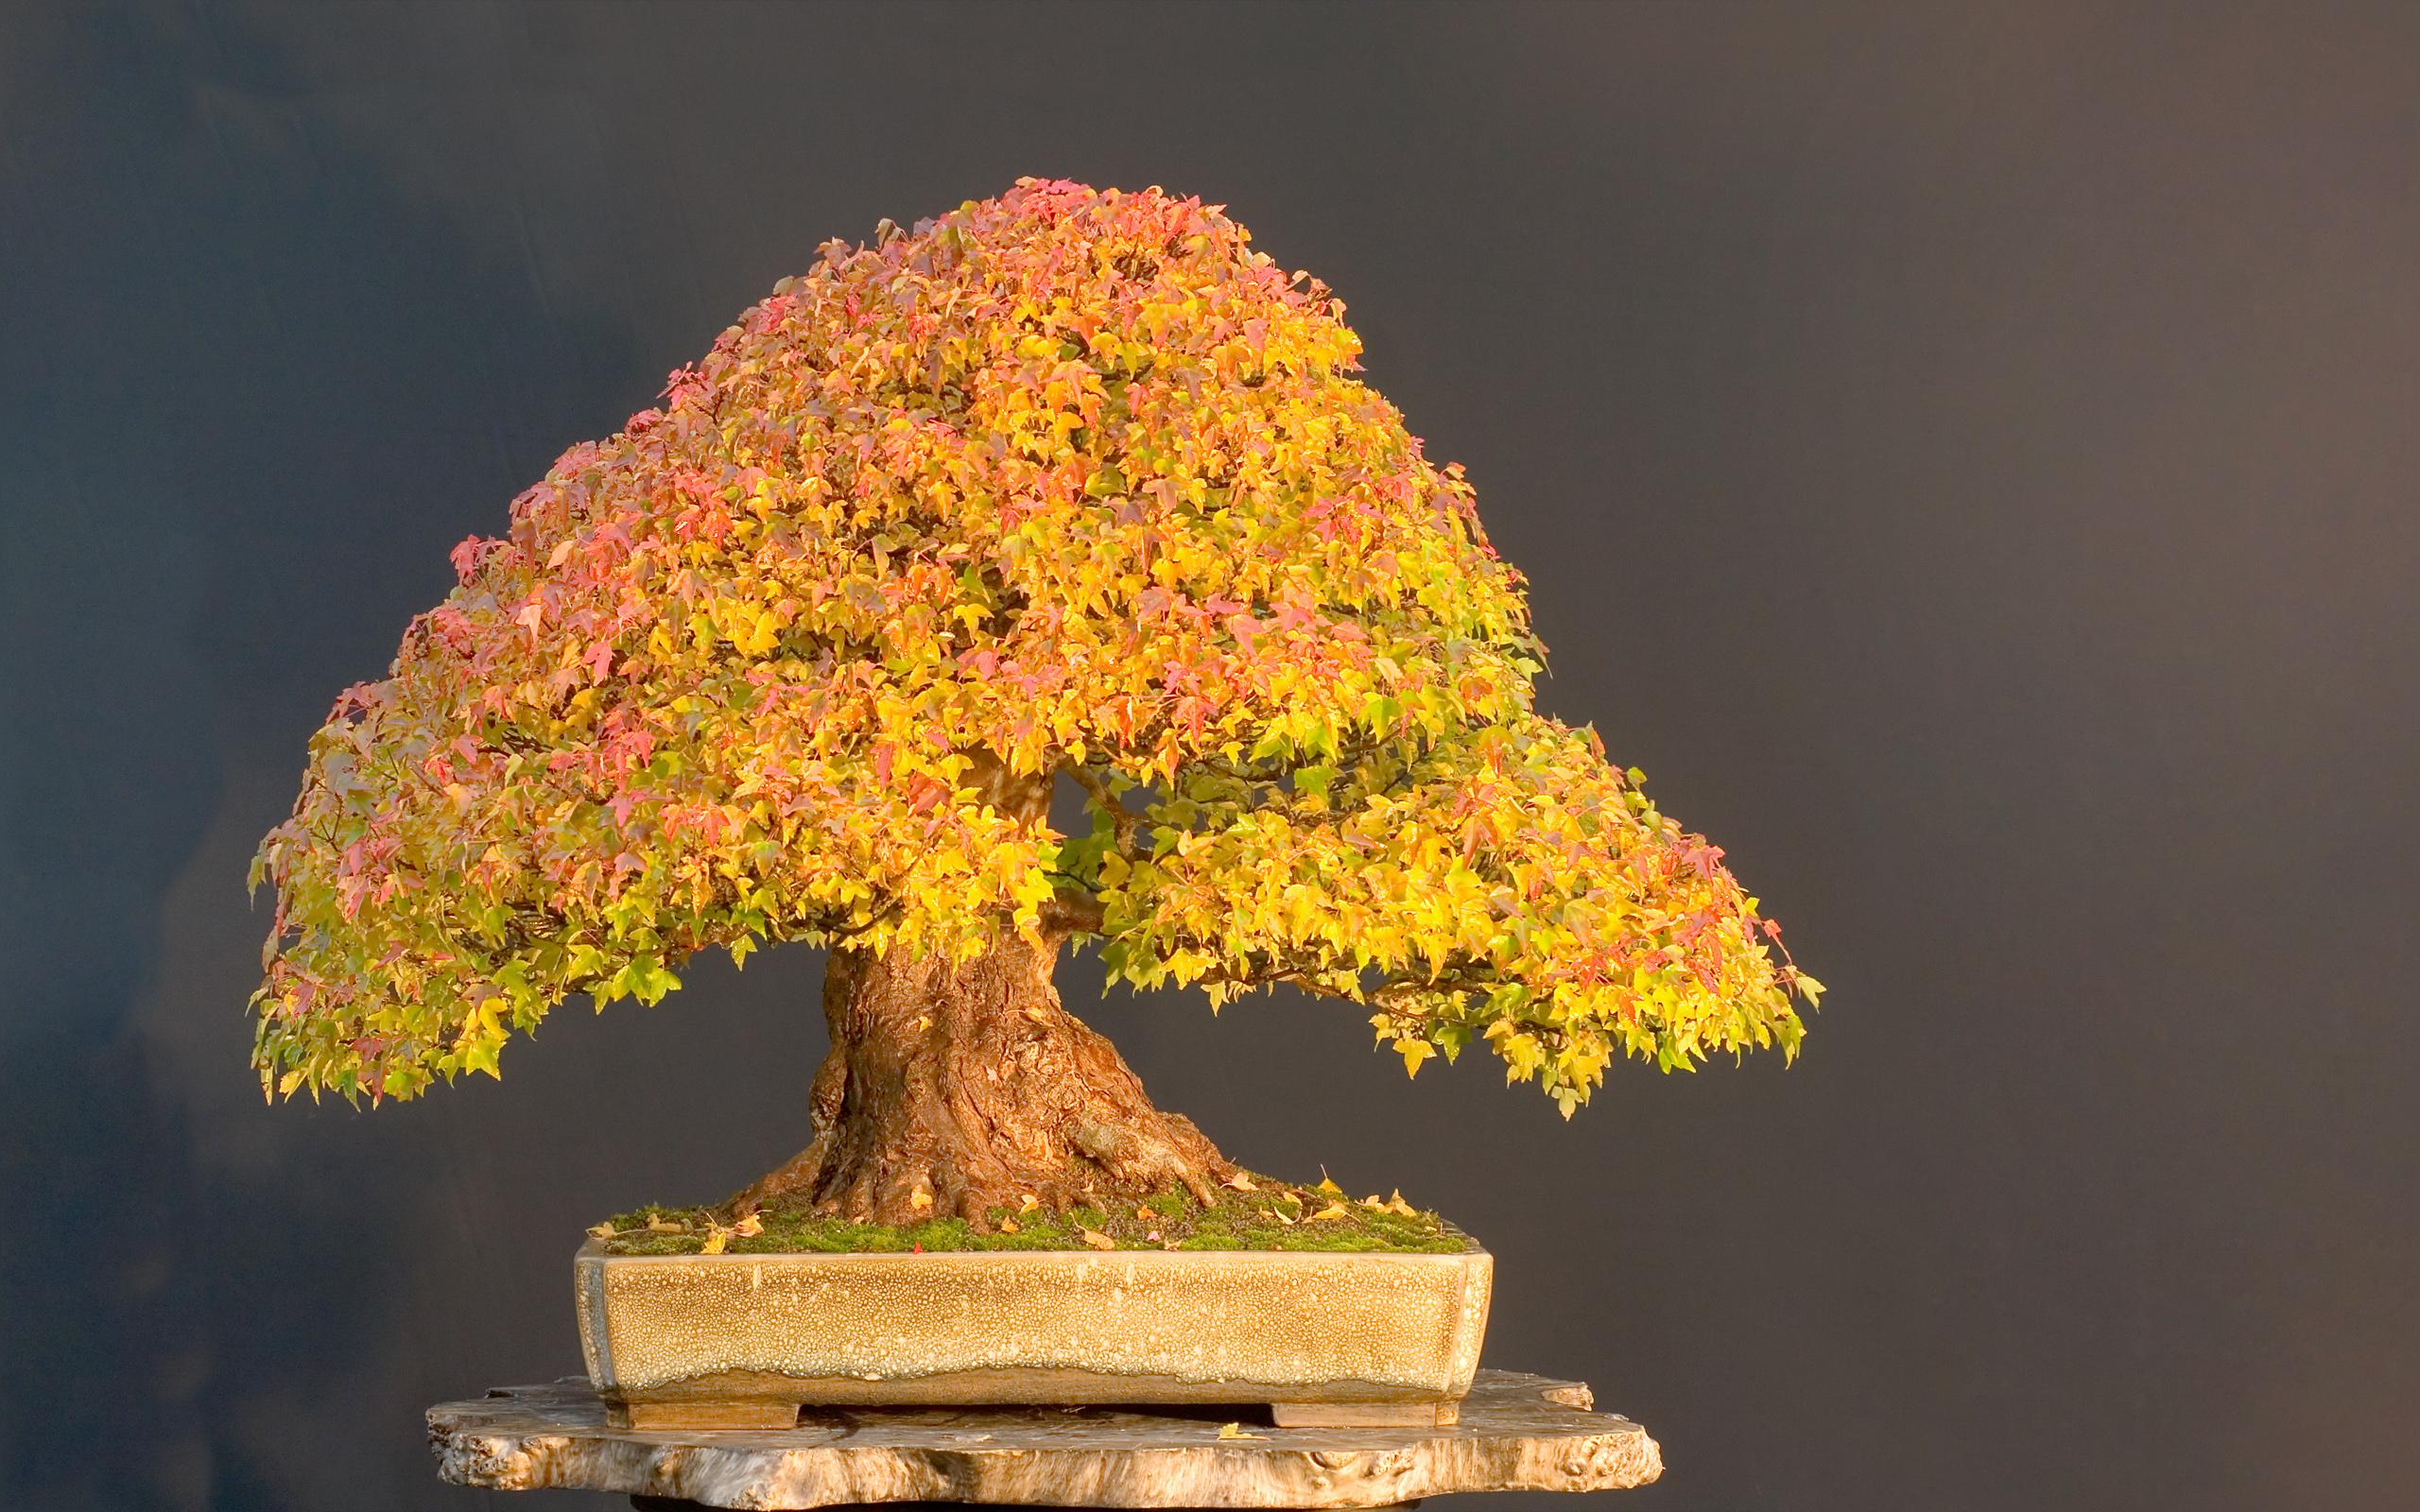 bonsai wallpaper 03 ndash - photo #24